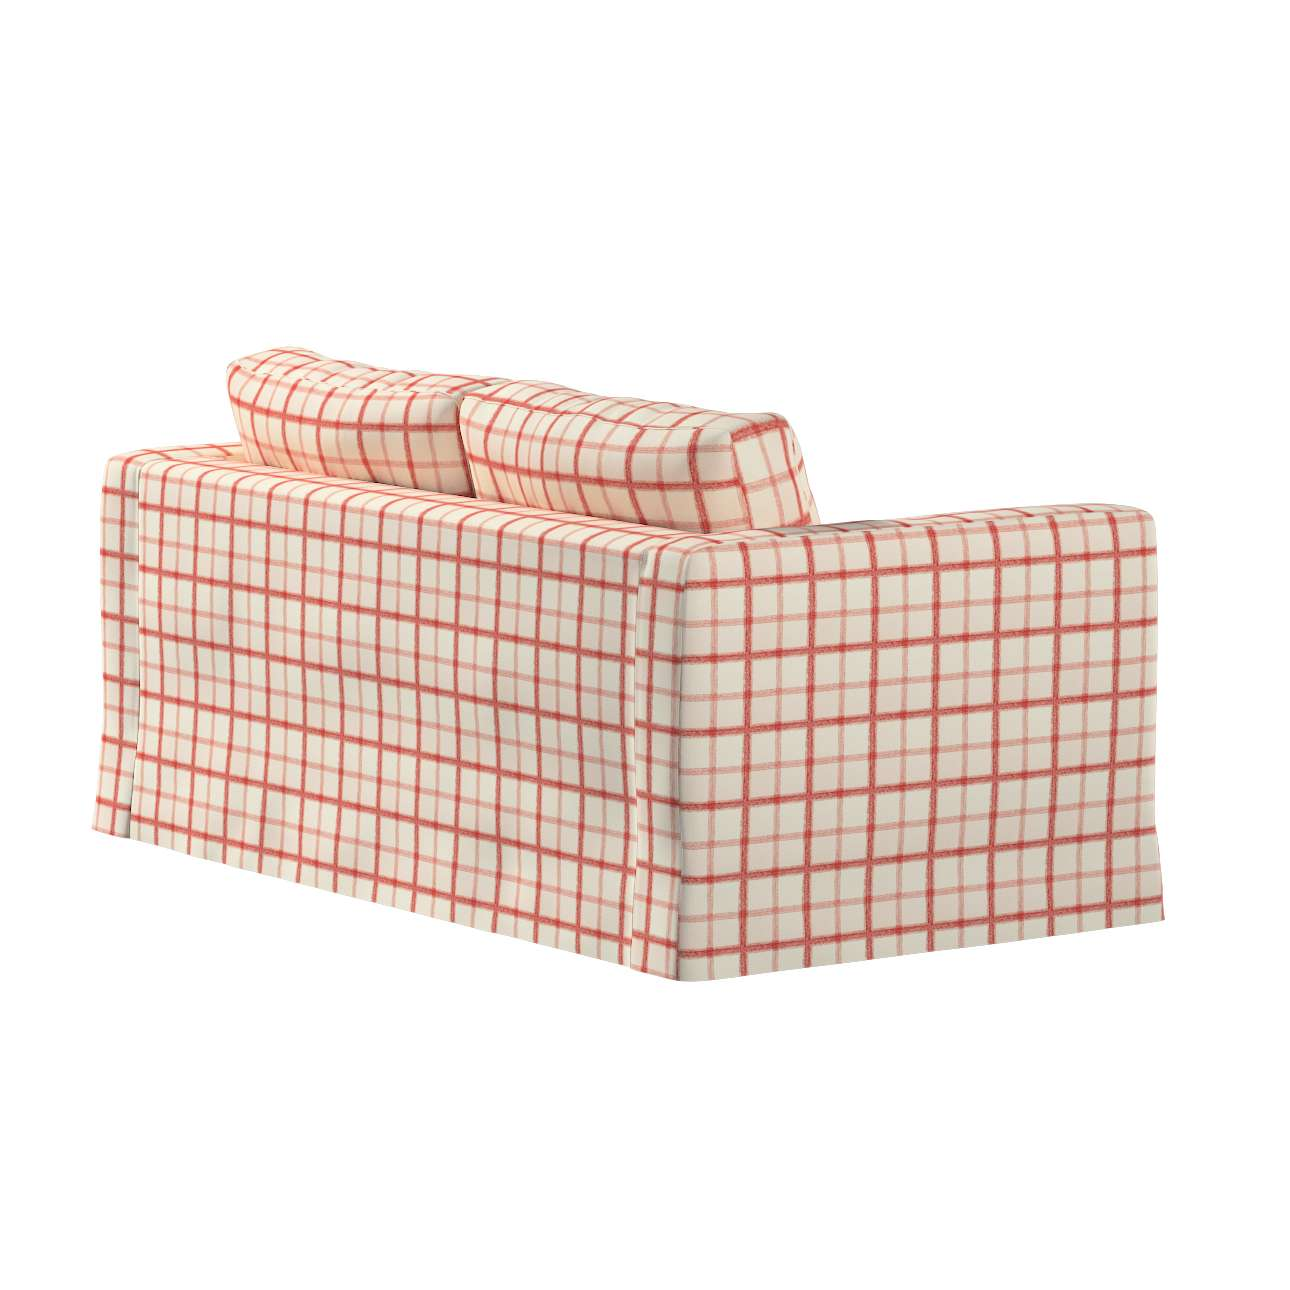 Pokrowiec na sofę Karlstad 2-osobową nierozkładaną długi w kolekcji Avinon, tkanina: 131-15